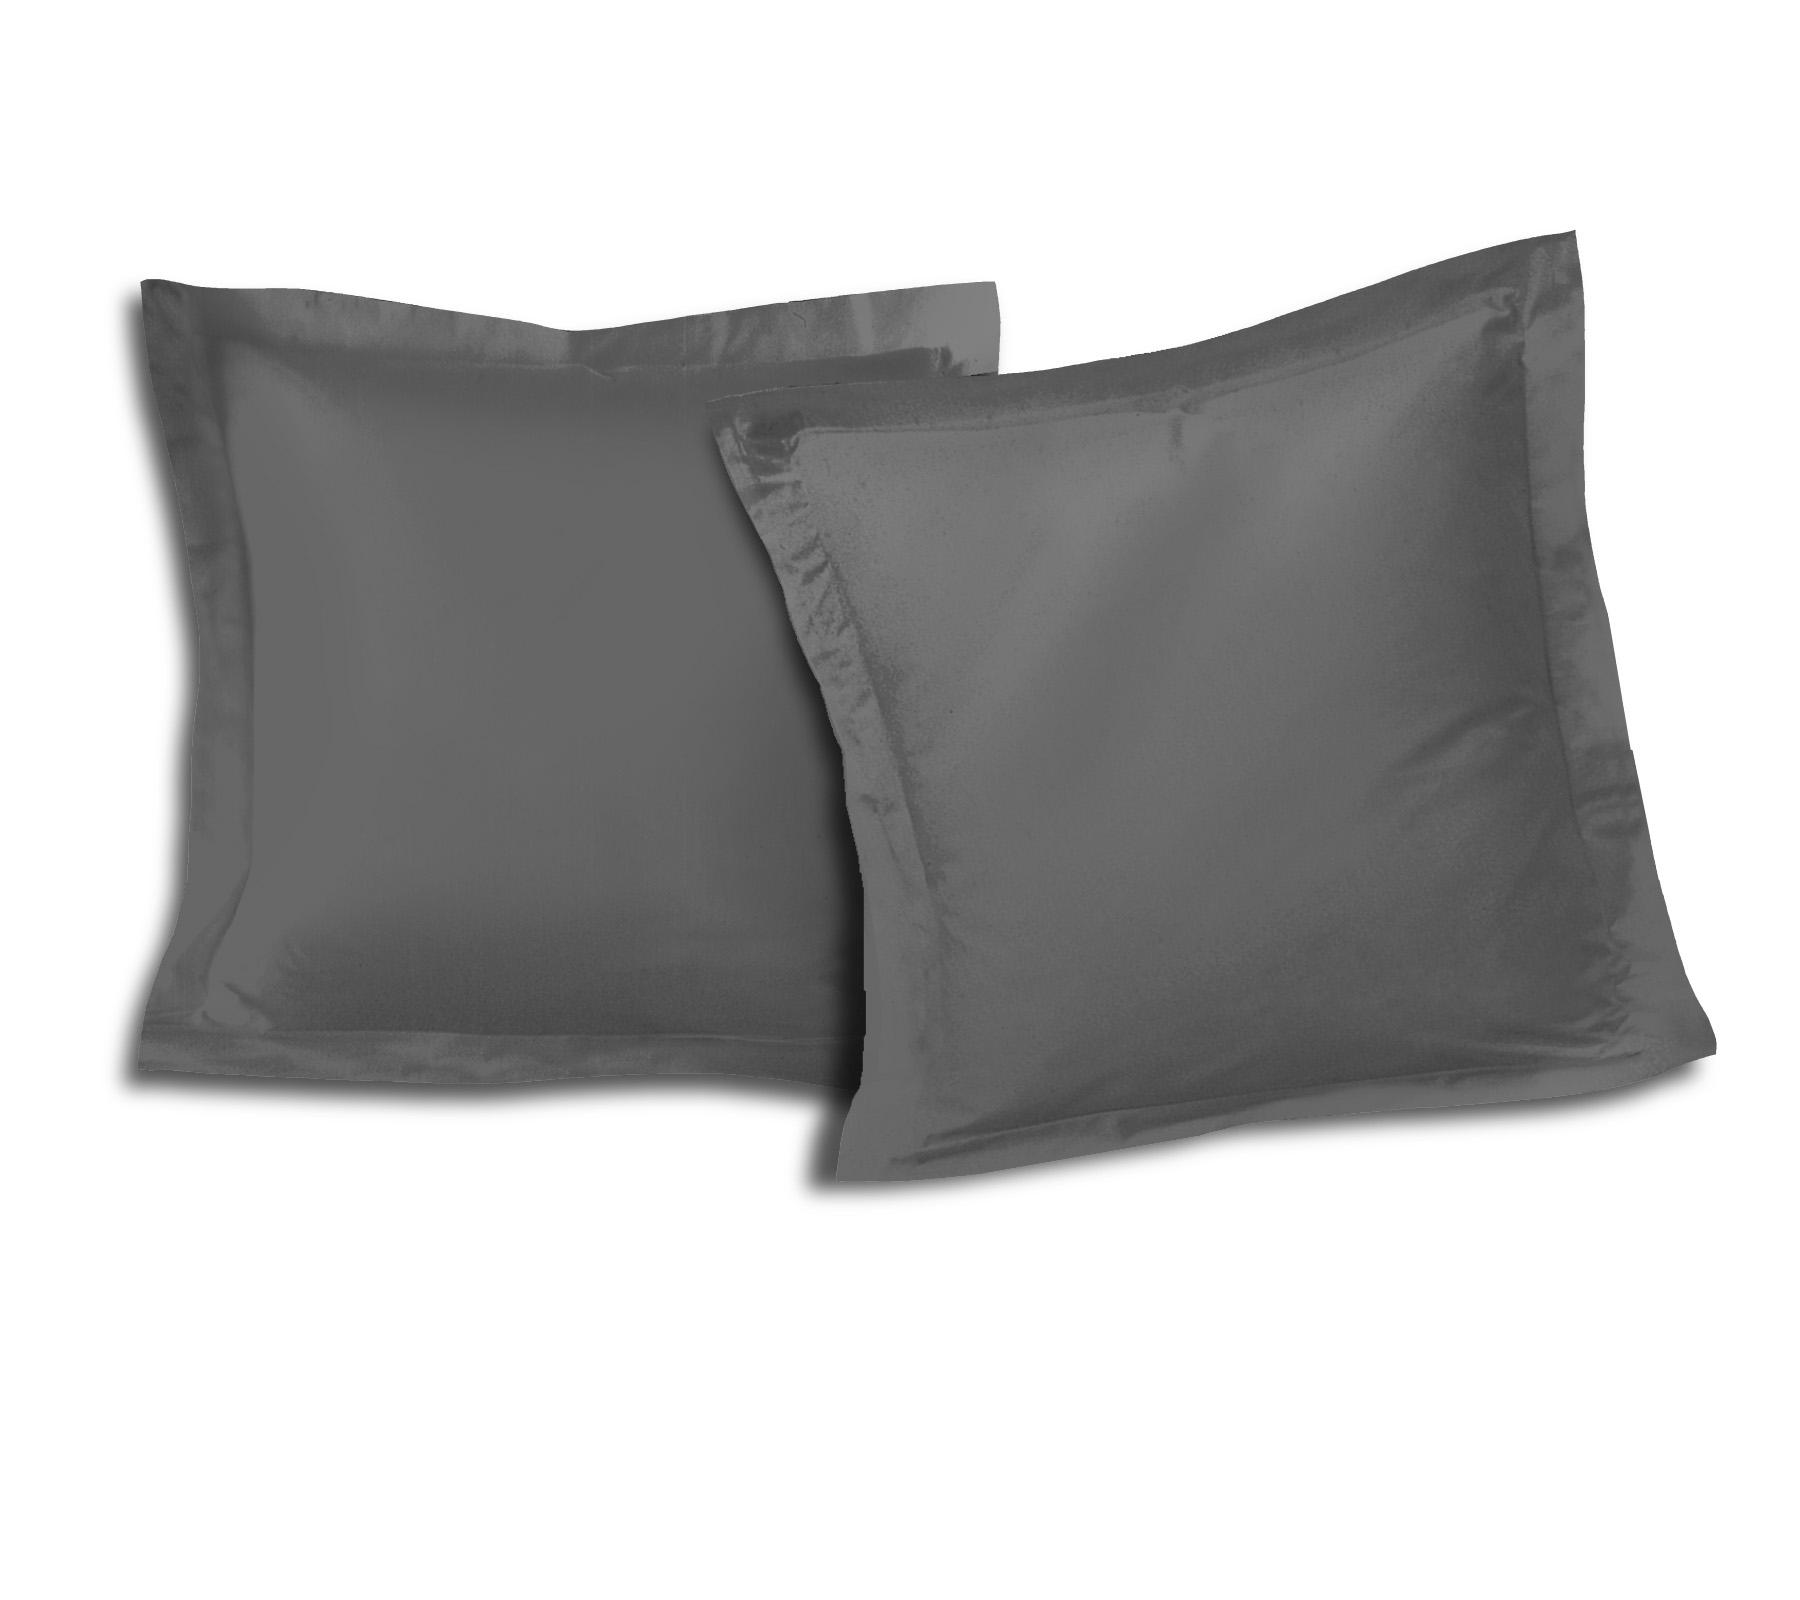 Paire de taies 100% coton 63x63 anthracite